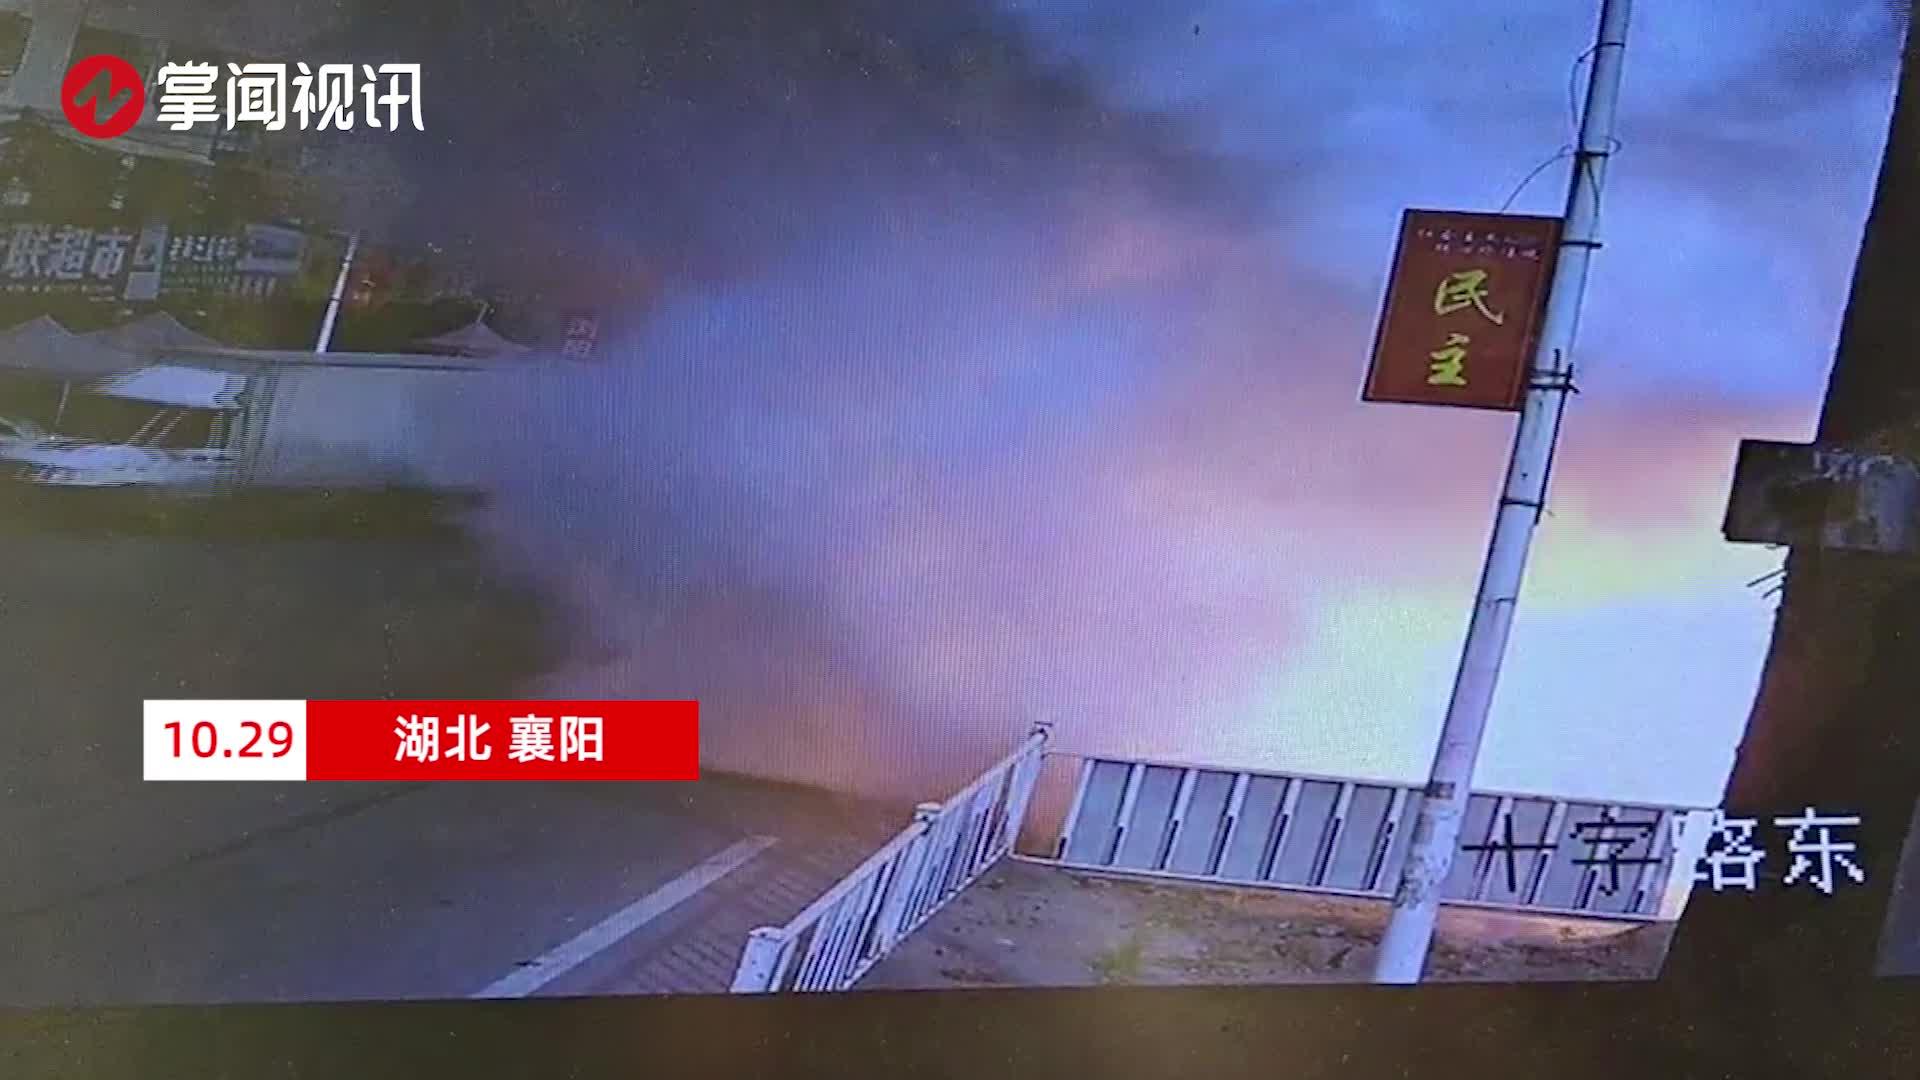 疑似危化品罐车发生泄露 瞬间火花喷射浓烟弥漫